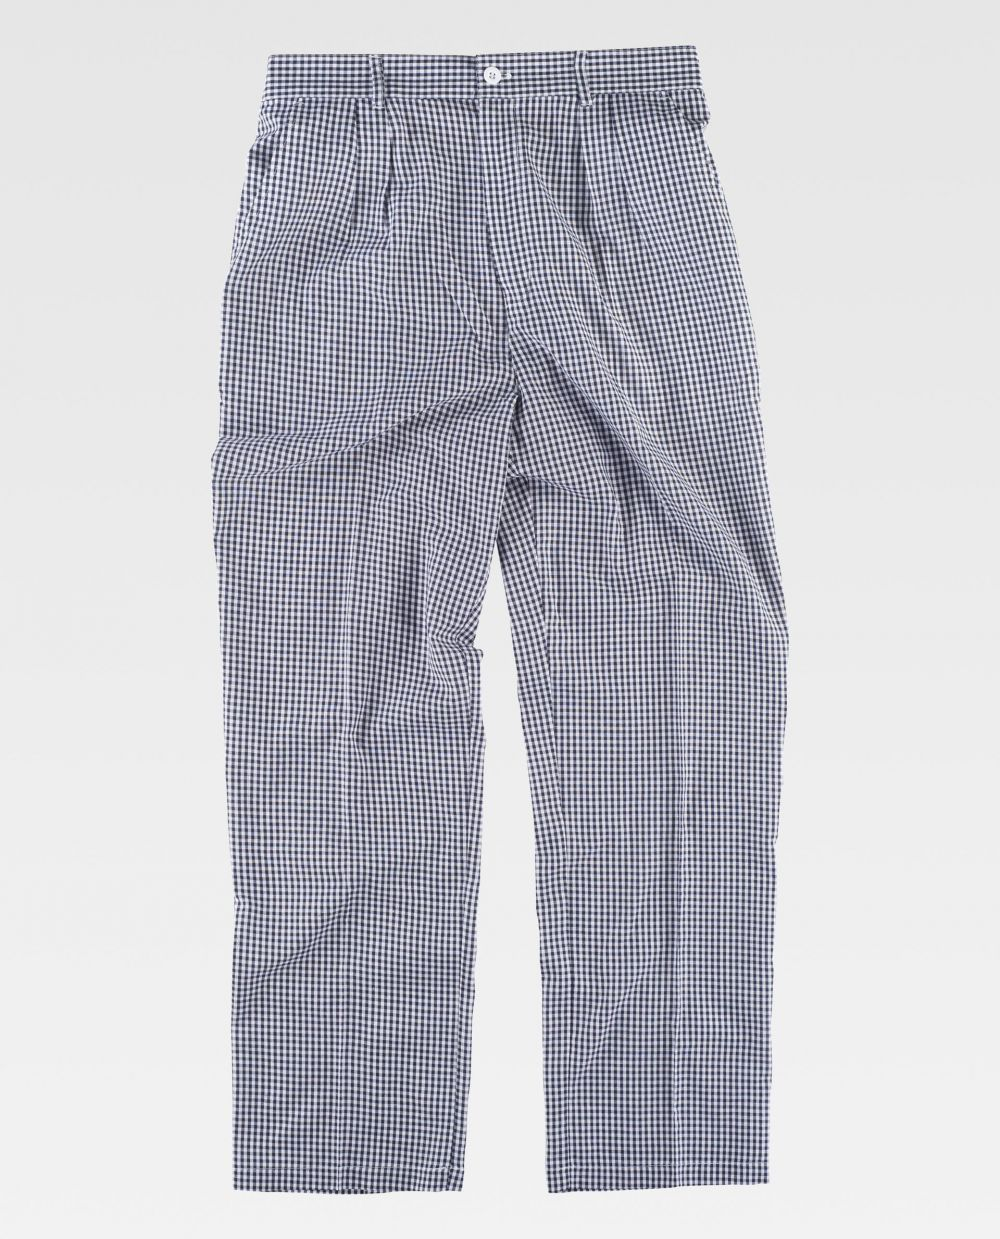 Pantalones de hostelería workteam b1425 de poliéster para personalizar vista 2